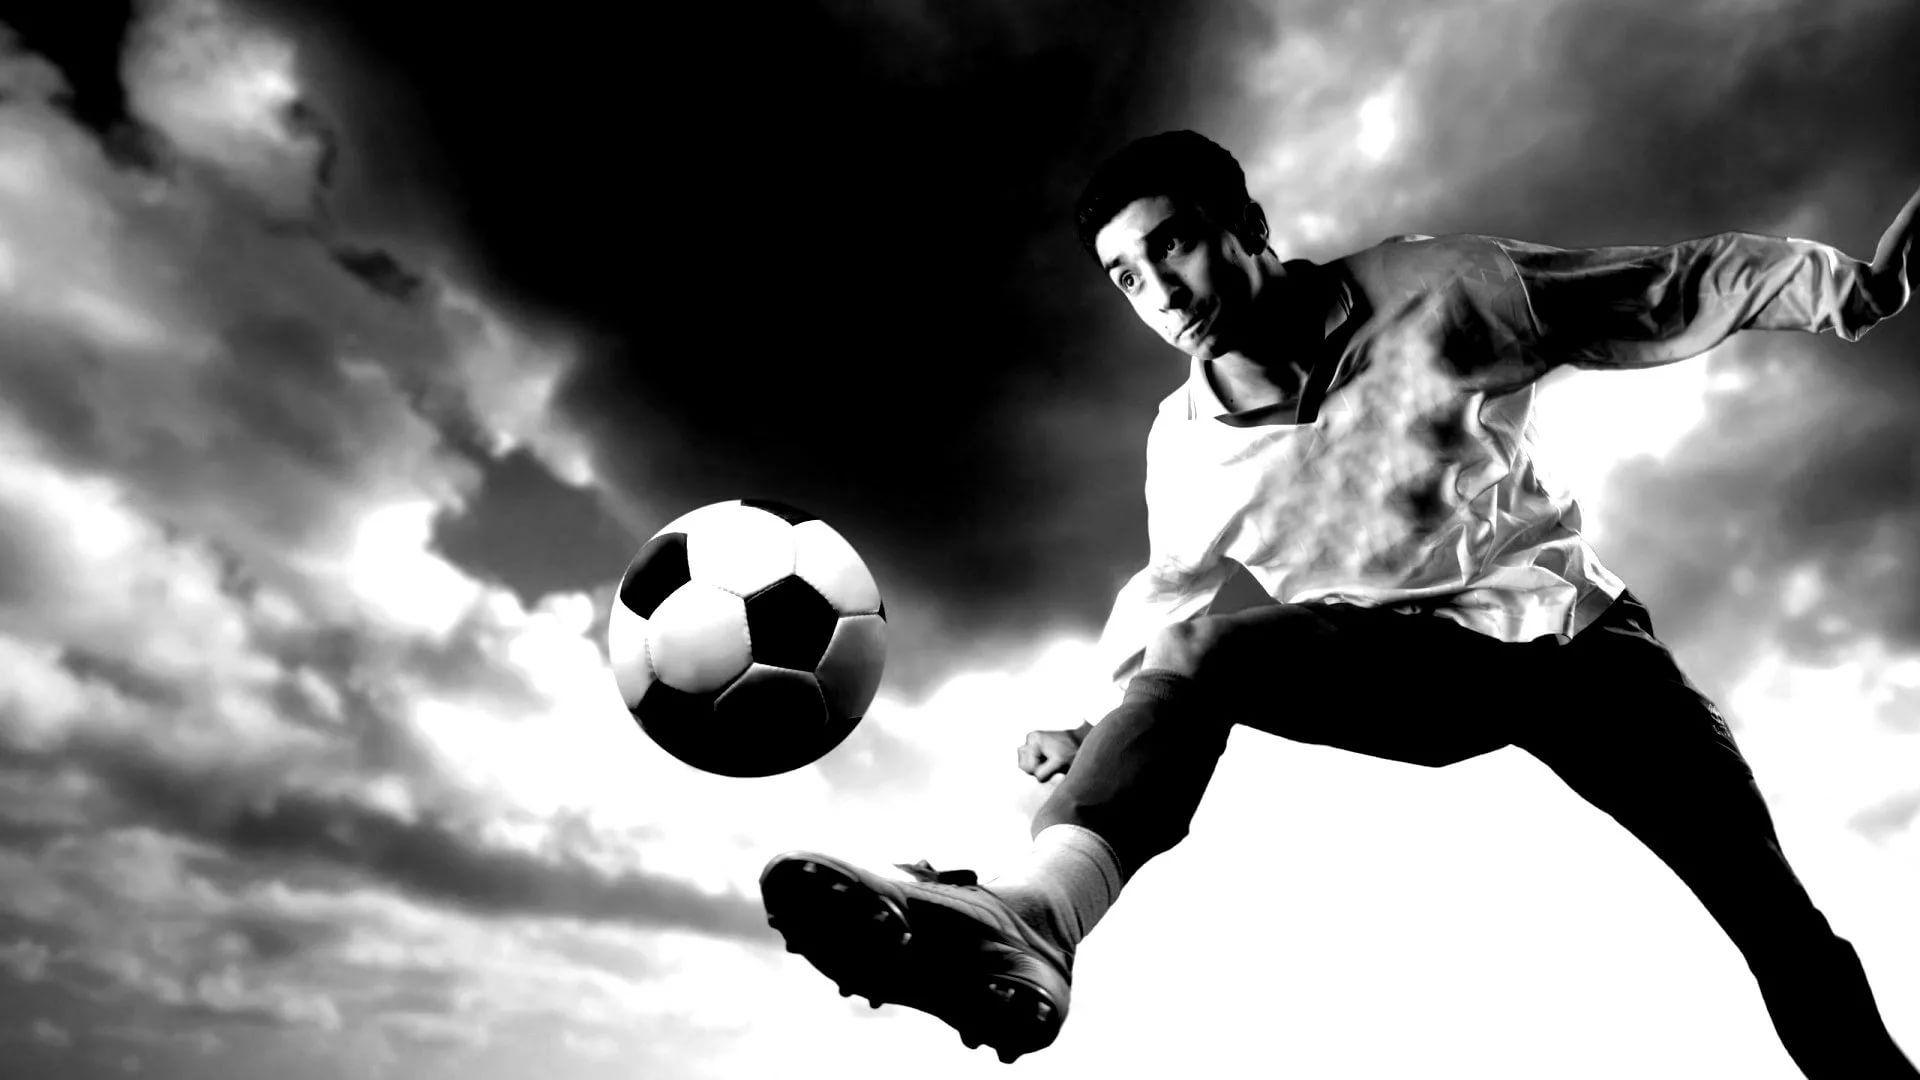 Soccer Player vertical wallpaper hd